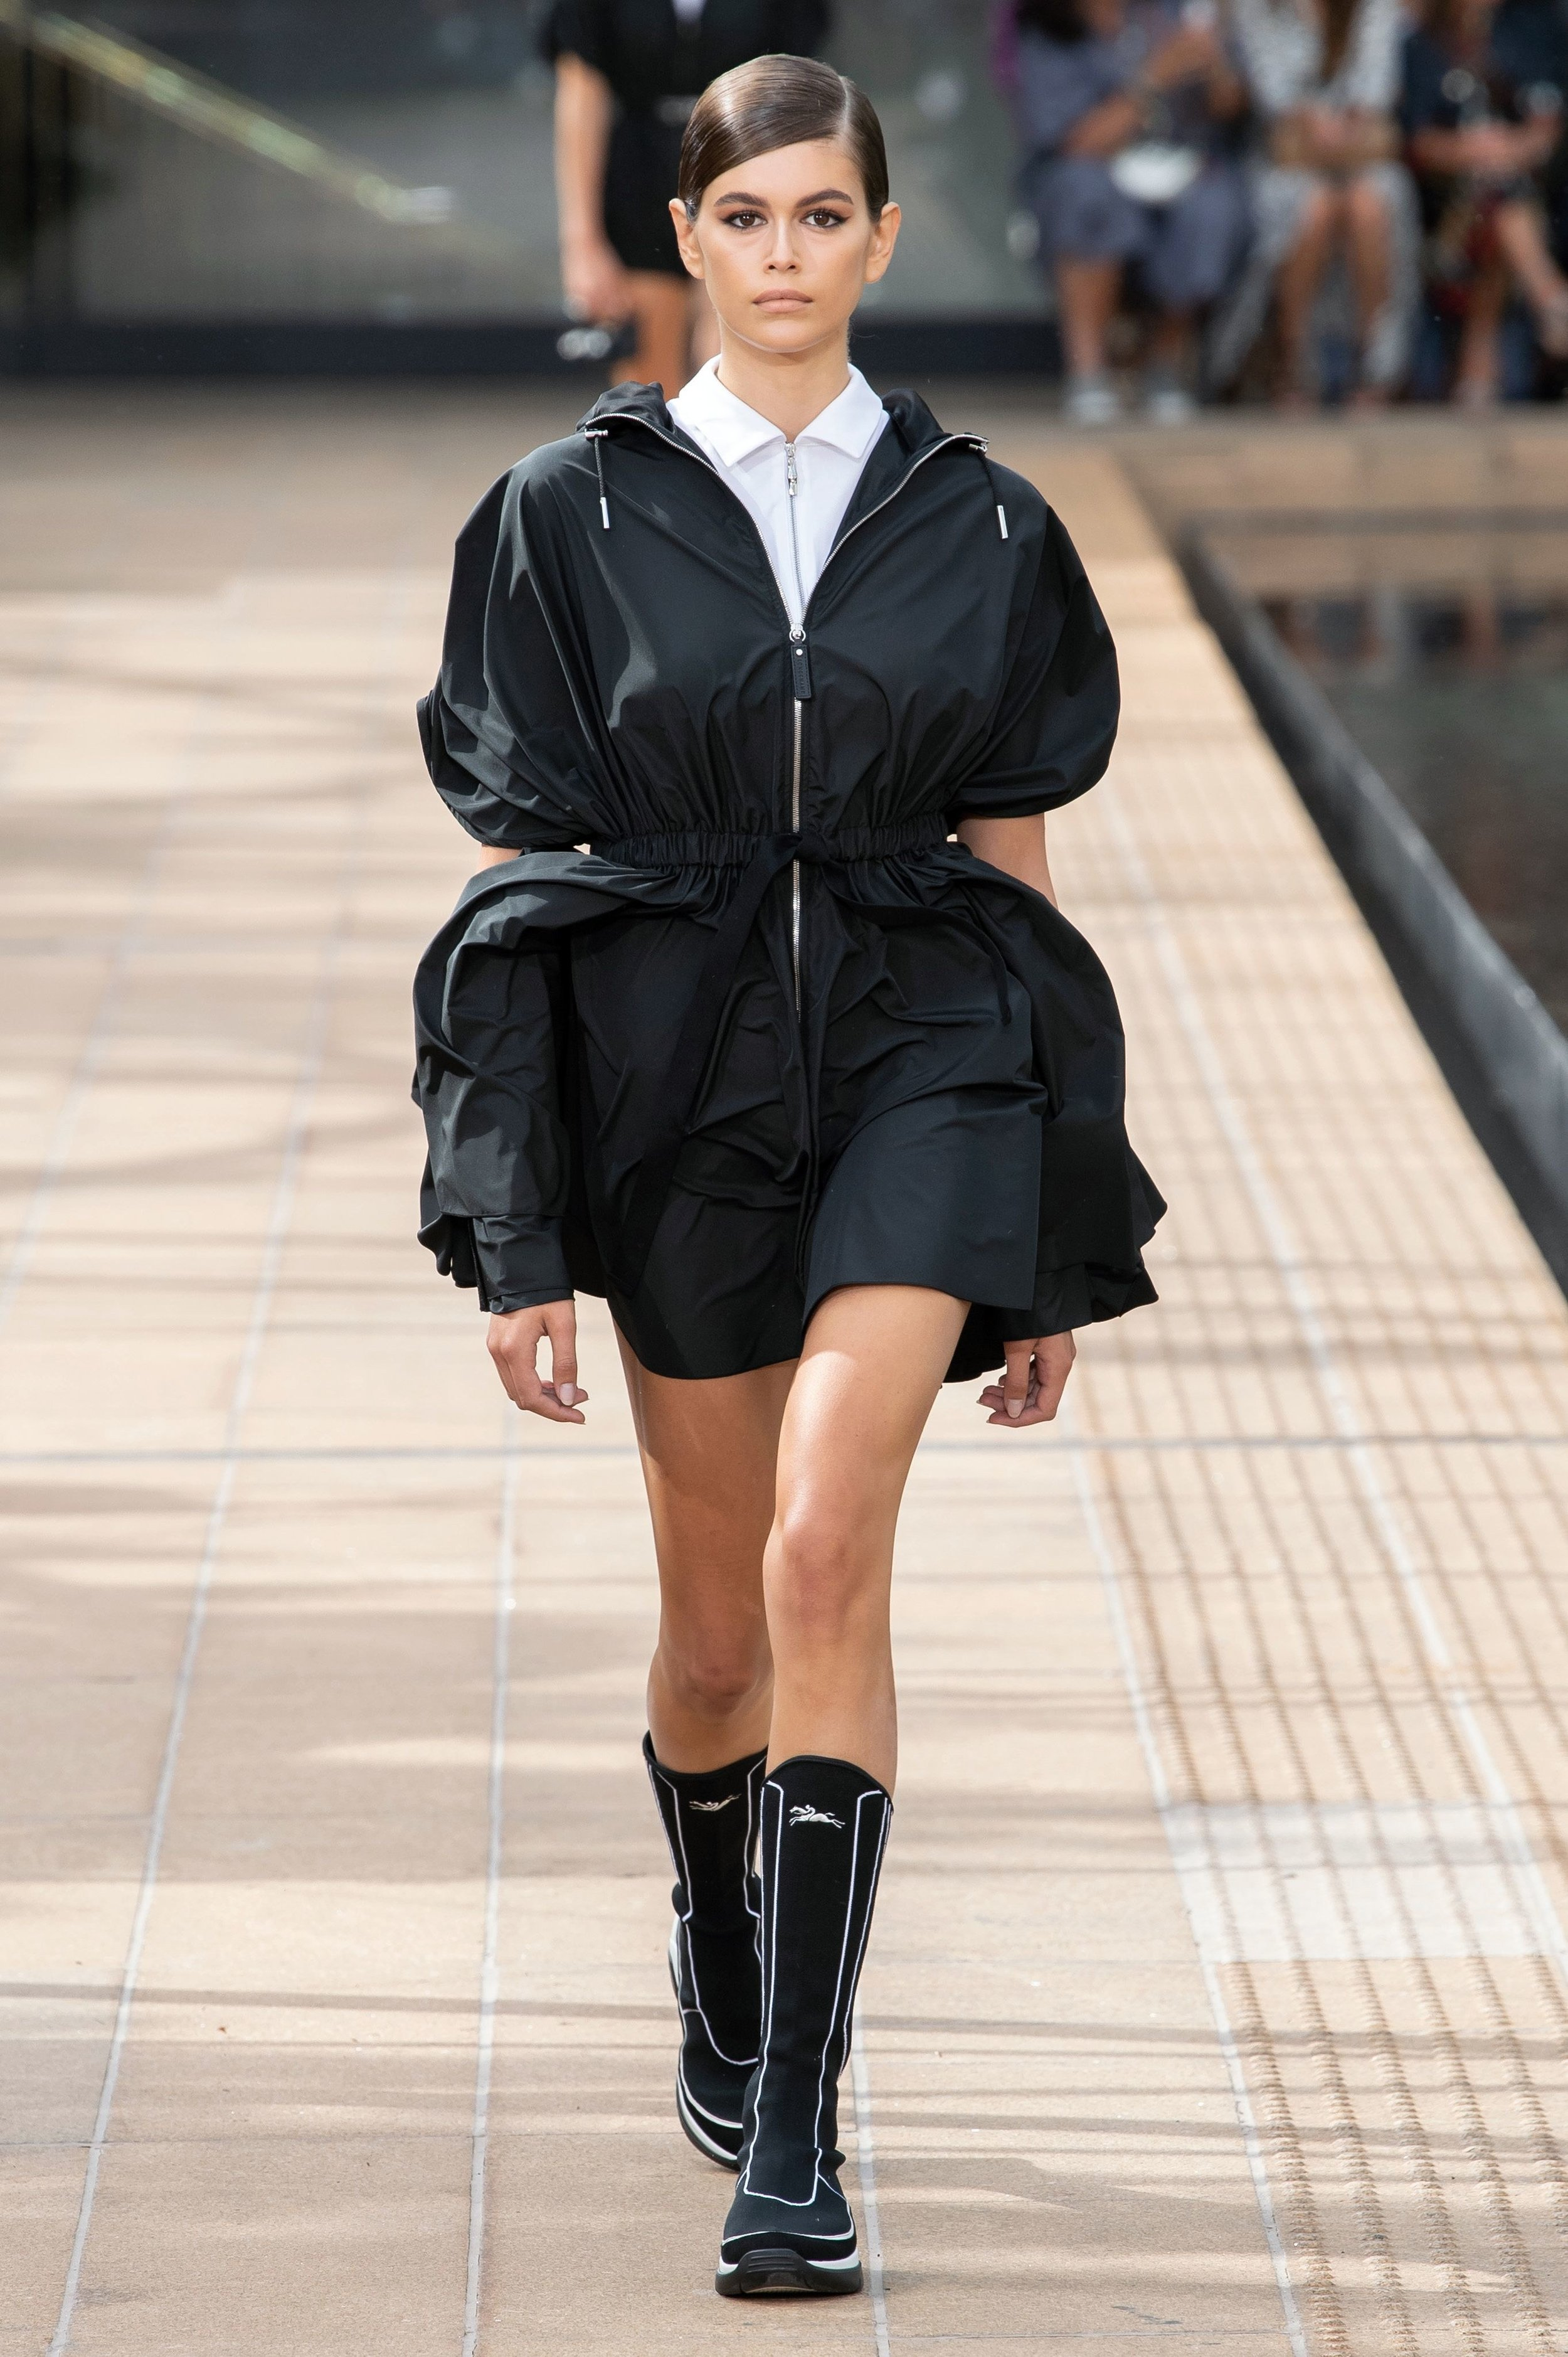 Longchamp - A proporção do volume, o material (nylon), a camisa por baixo, a botinha meio boxer meio motocross… OK, acho que gostei desse look porque é tipo Prada